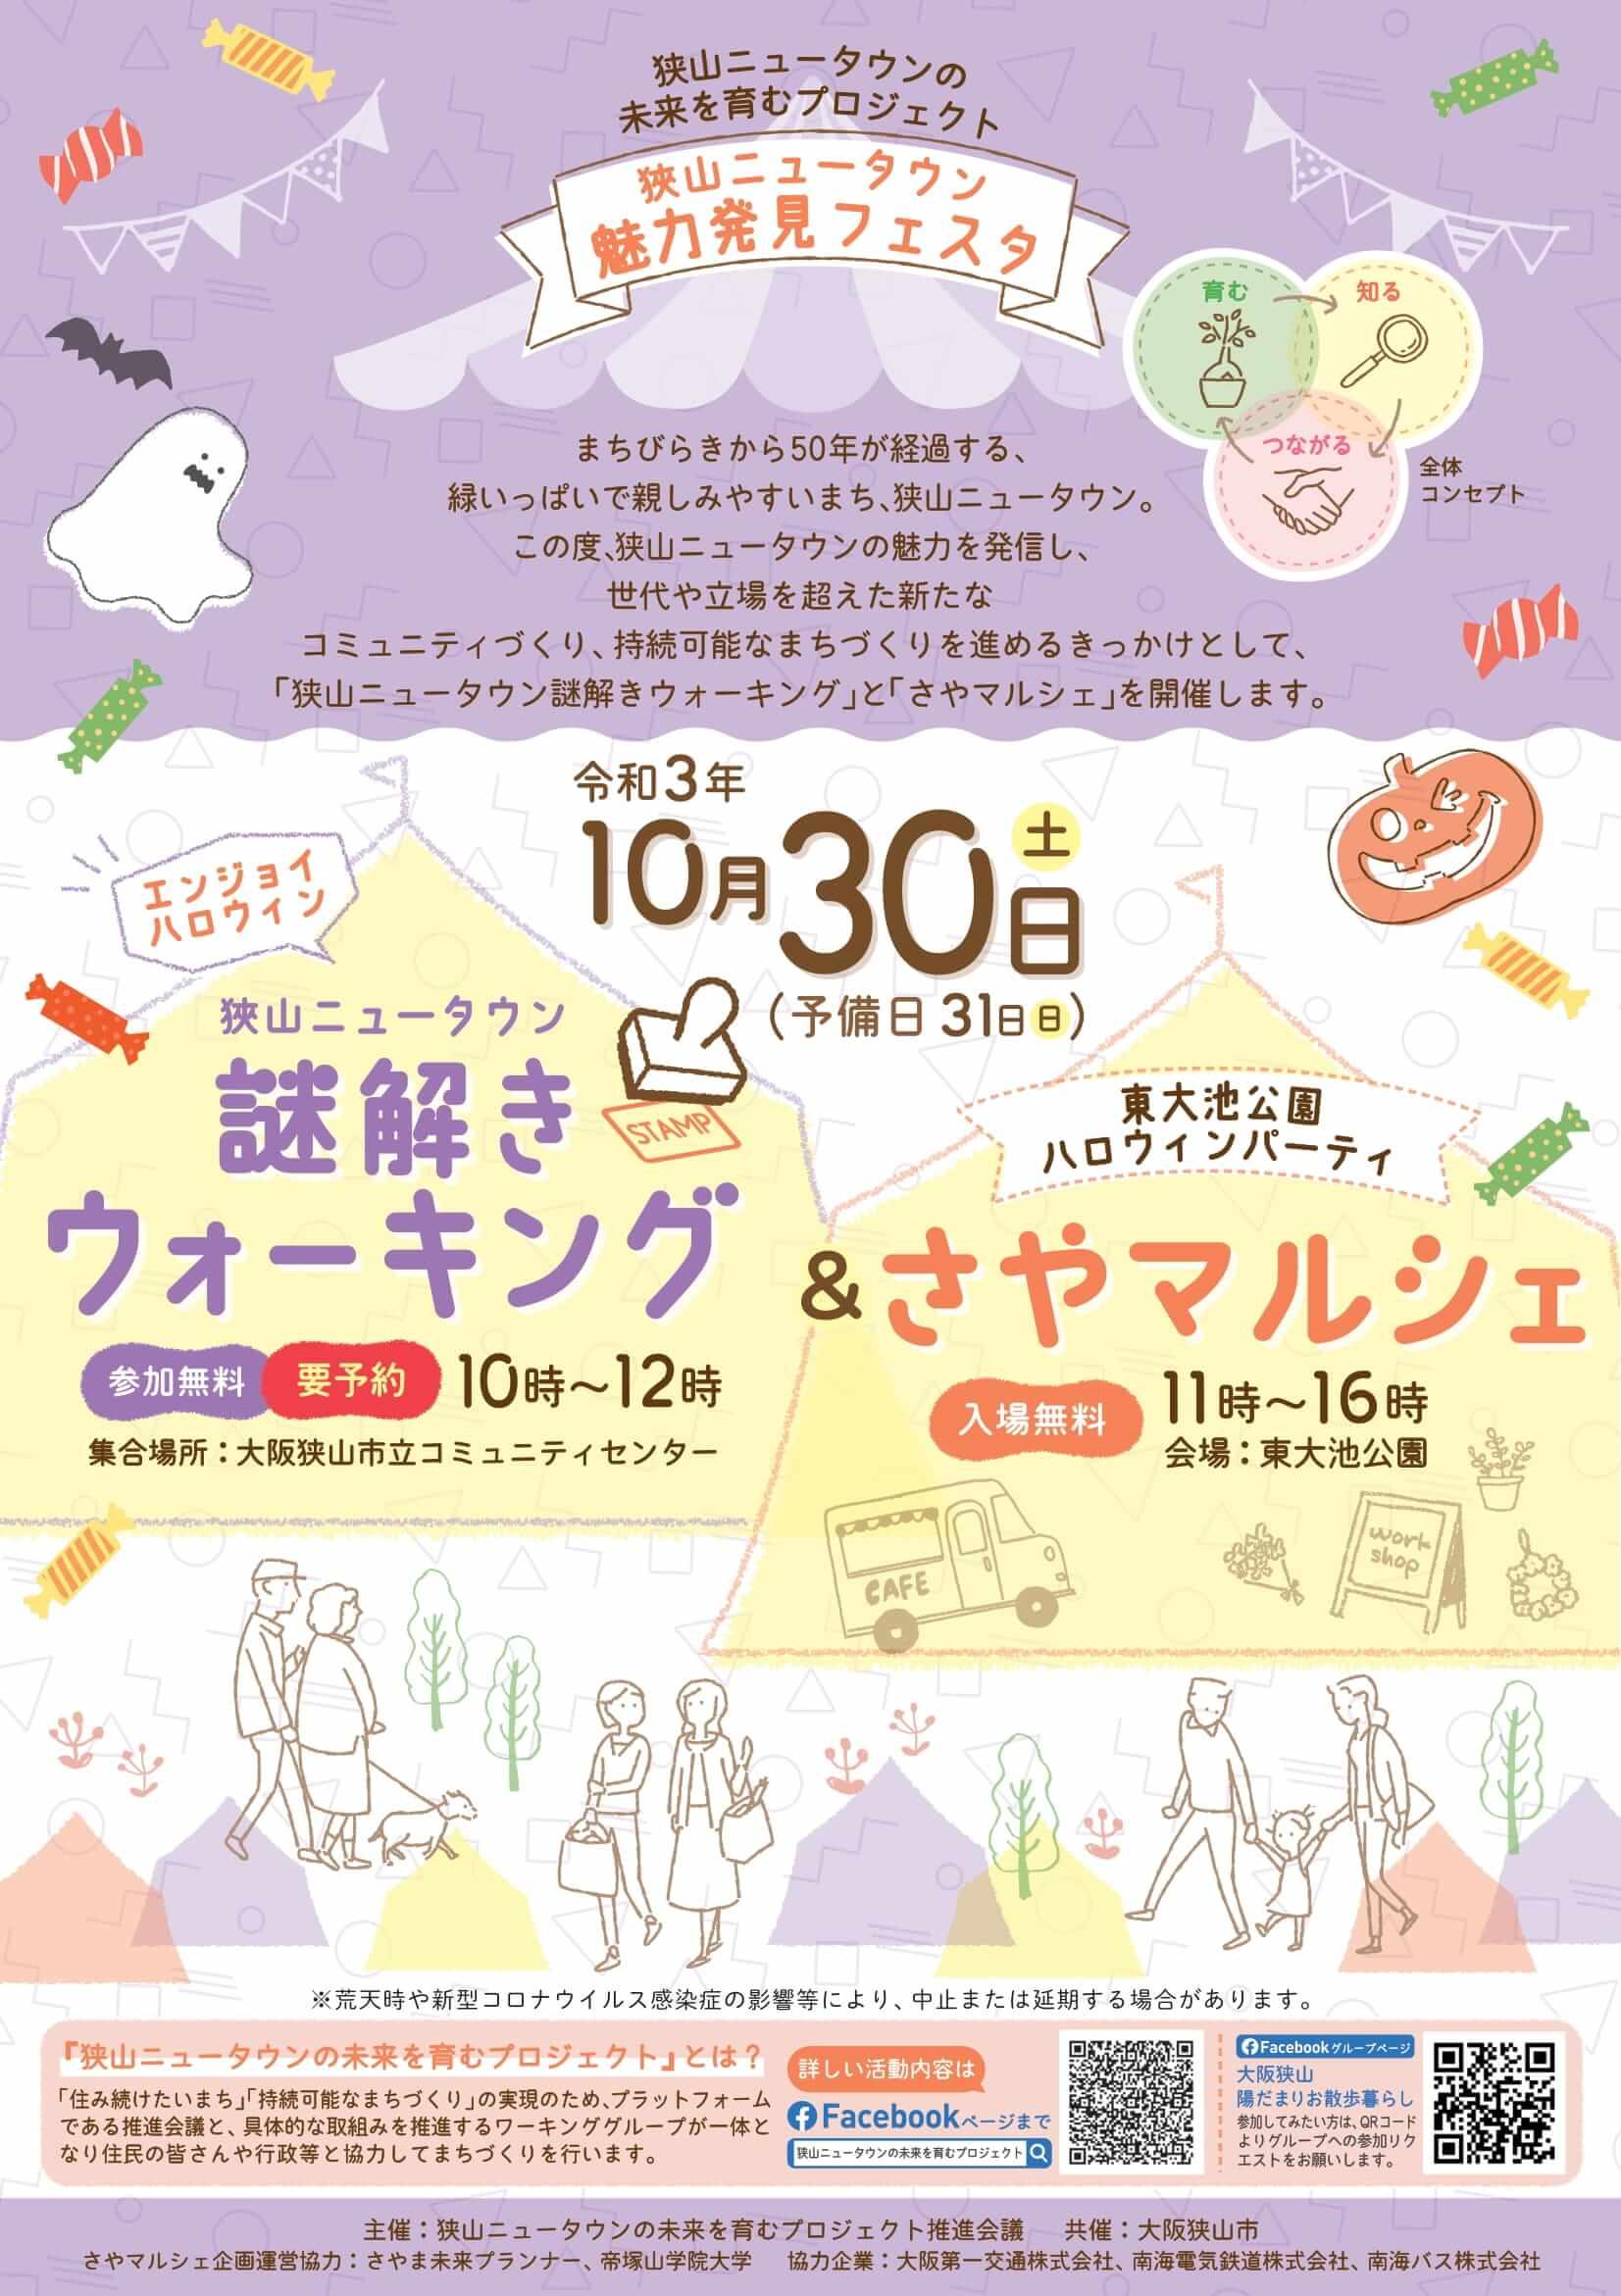 【2021年10月30日】「狭山ニュータウン謎解きウォーキング」と「さやマルシェ」が開催 (1)